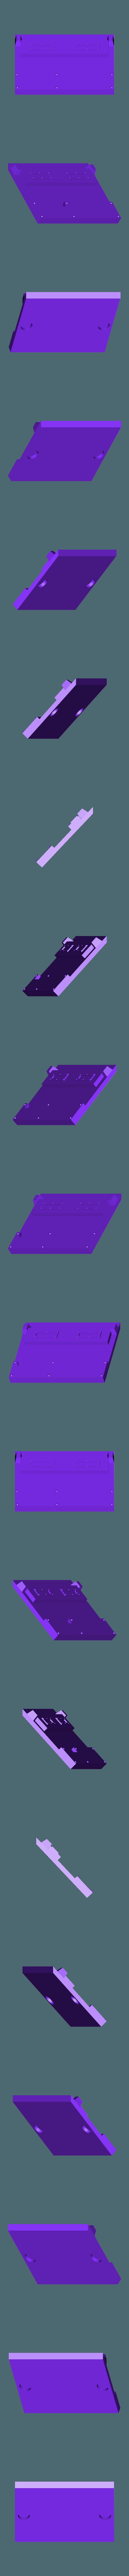 front.stl Télécharger fichier STL gratuit centre détaillé du rhinocéros • Objet à imprimer en 3D, Punisher_4u